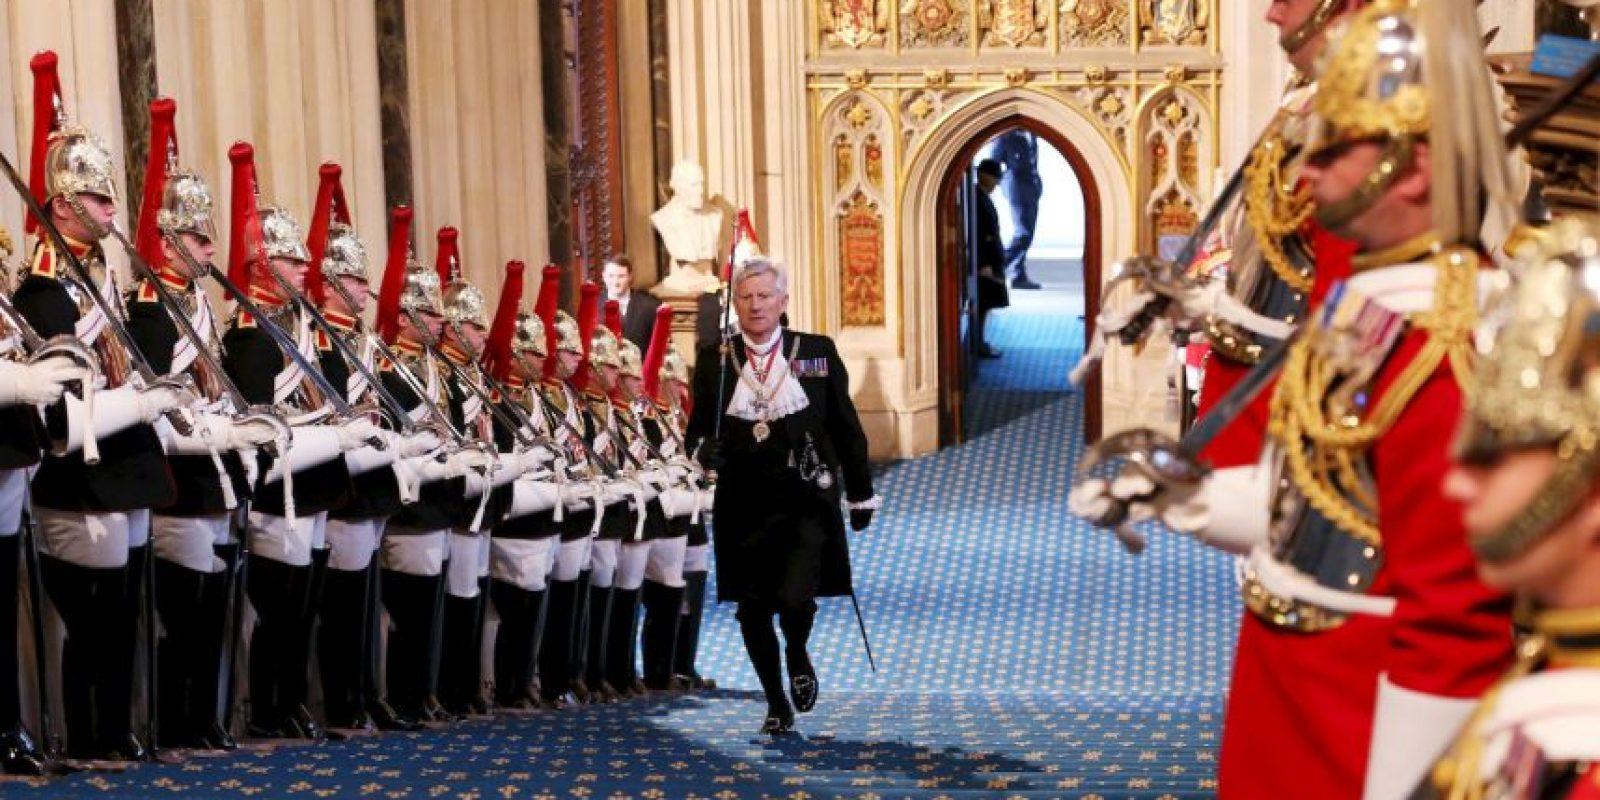 En la actividad se presentó el plan de trabajo del primer ministro de Reino Unido, David Cameron. Foto:Getty Images